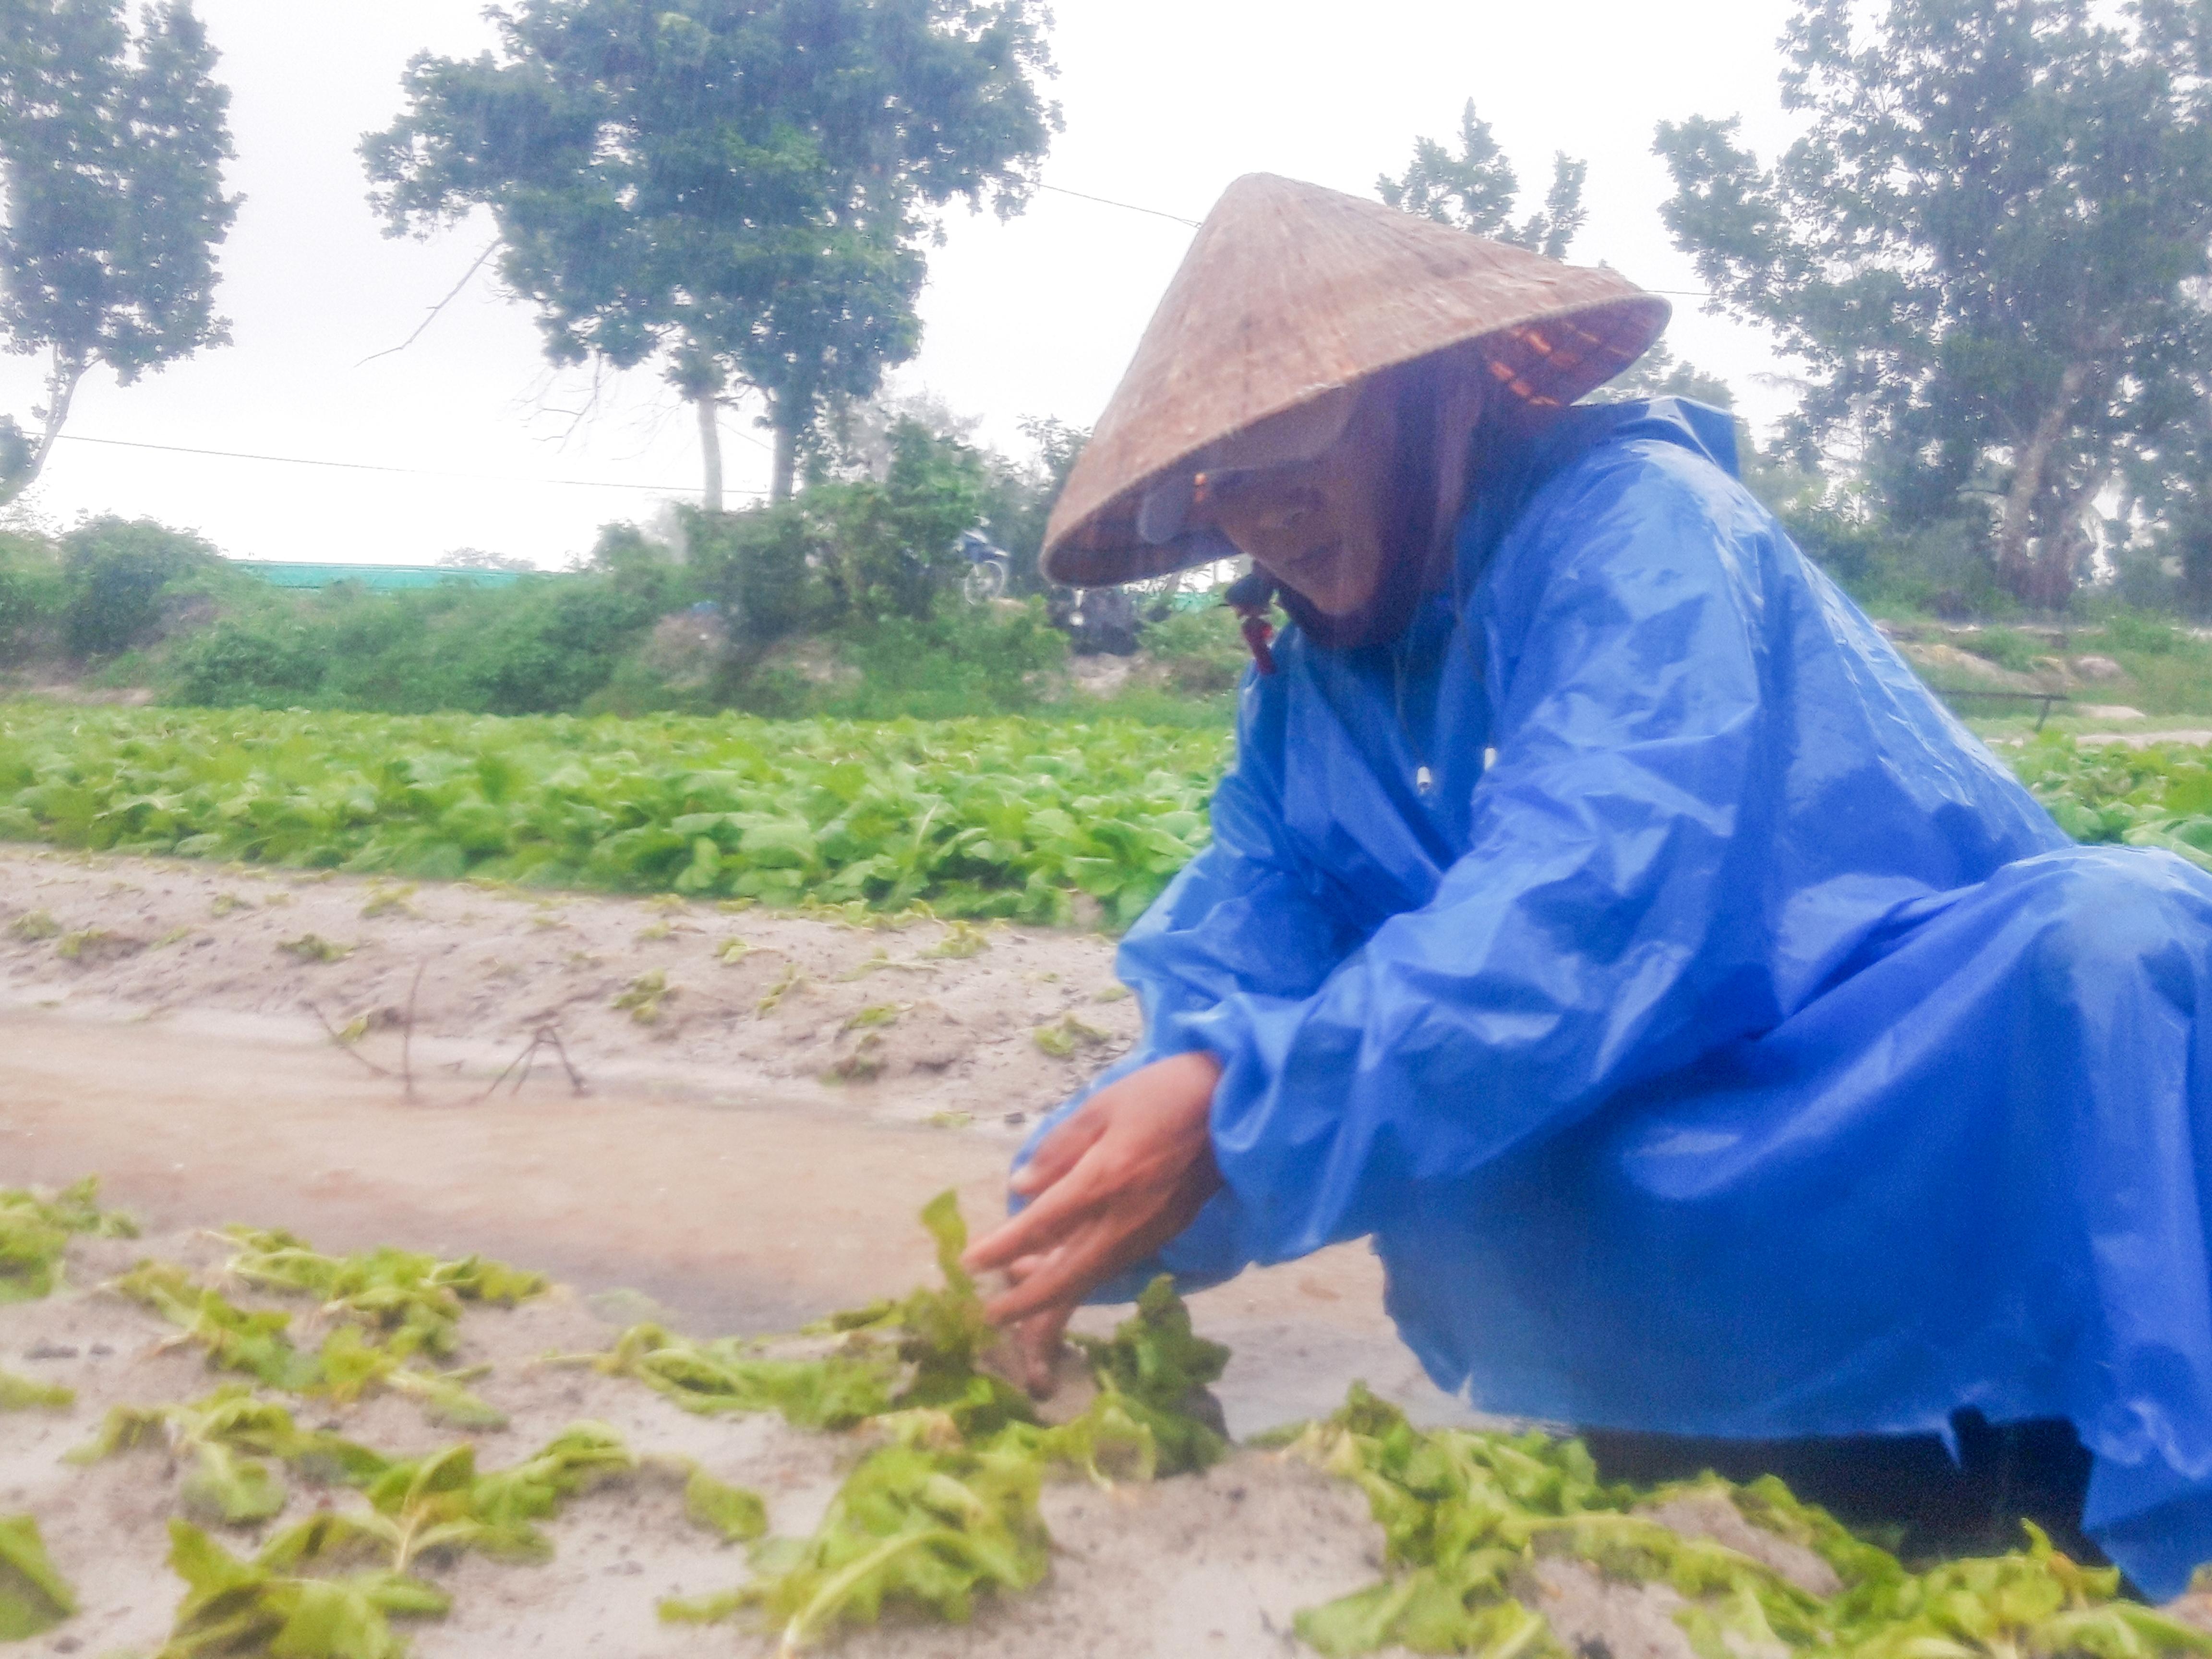 Những luống rau của người dân làng rau Hưng Mỹ vừa trồng hơn 1 tháng nay đã ngập úng hoàn toàn. Ảnh: Hồ Quân